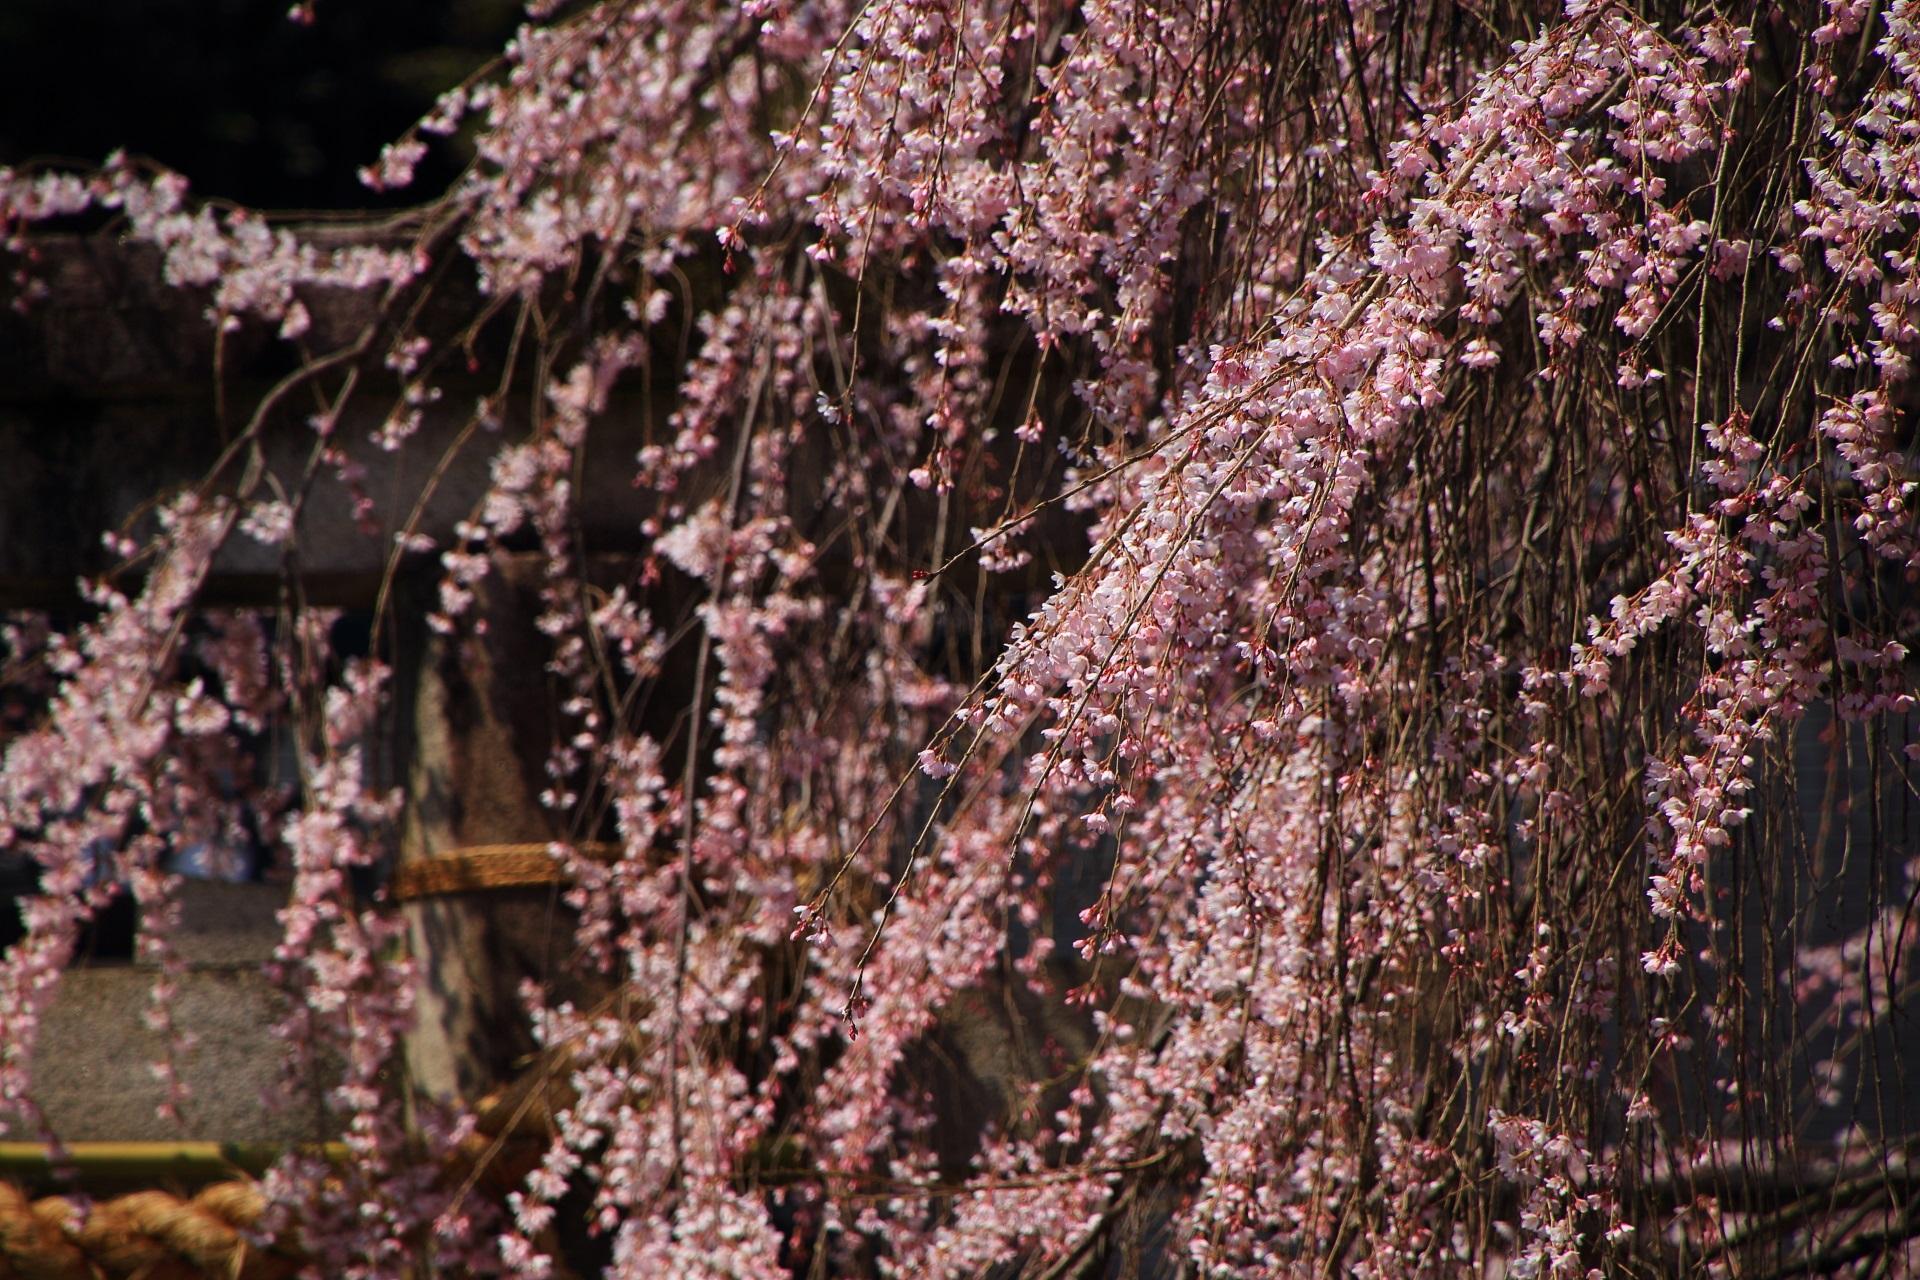 一つ一つの花びらは可憐で繊細な桜